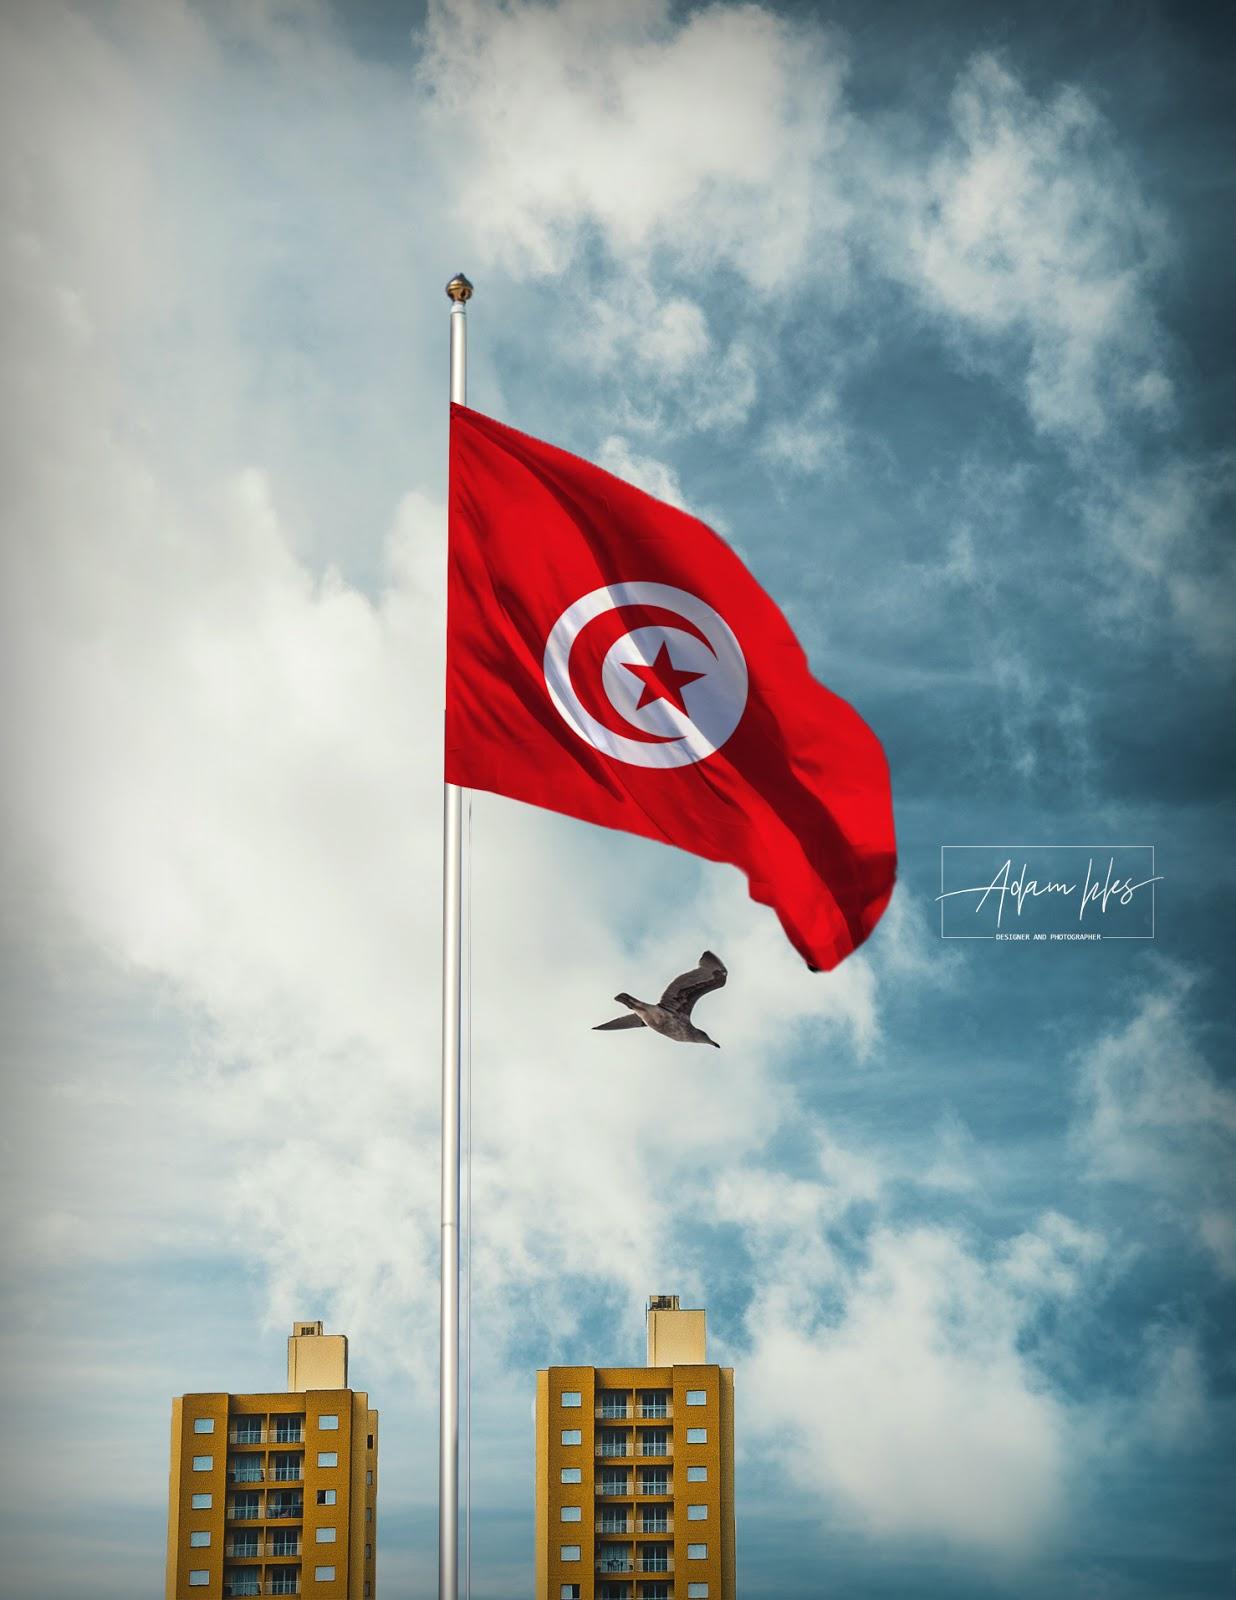 خلفية علم تونس